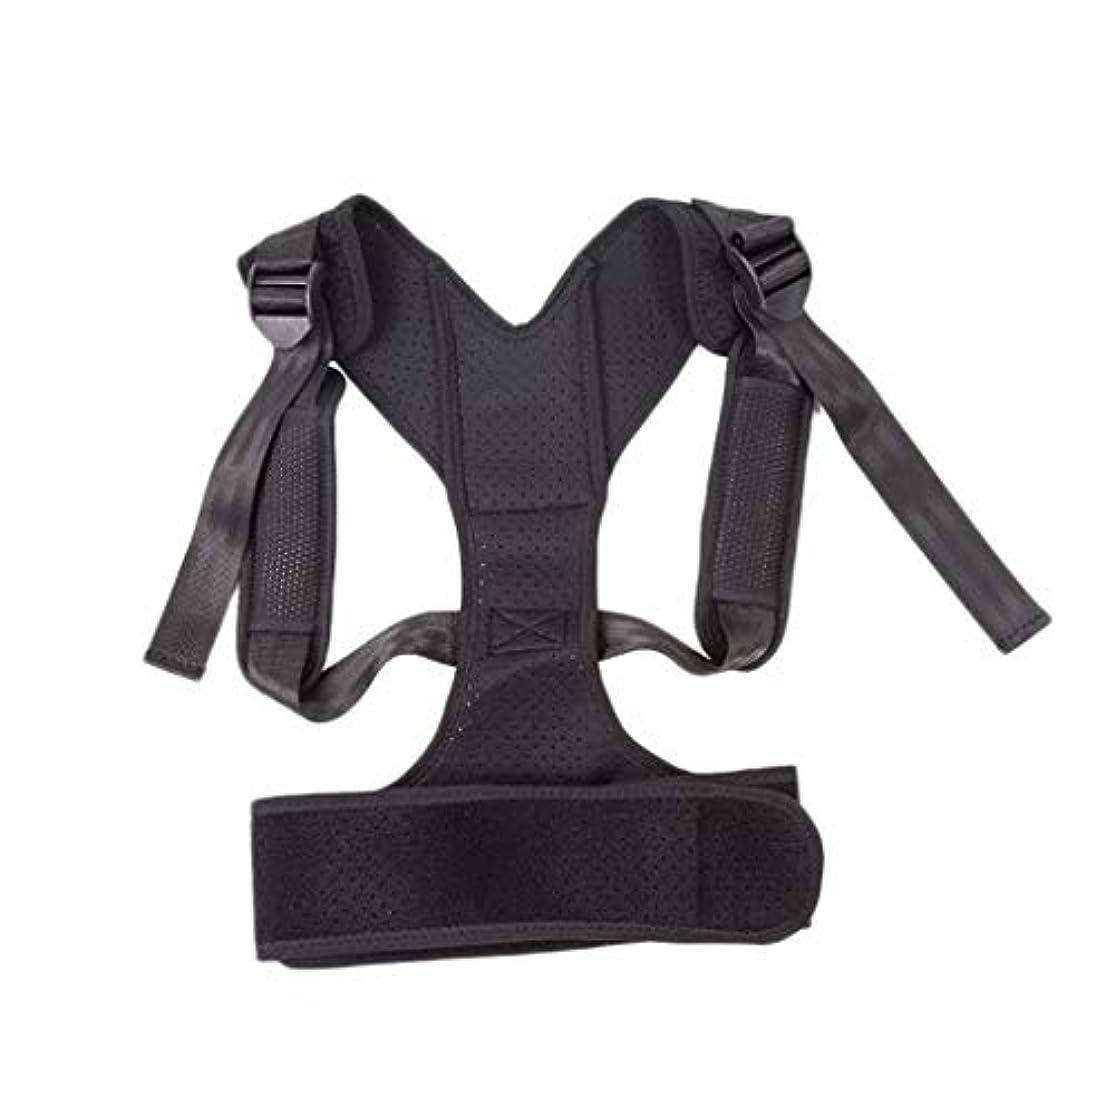 快適な背中のサポート 背部矯正ベルト固定サポートKyphosis矯正姿勢矯正器通気性座位調整黒 調整可能